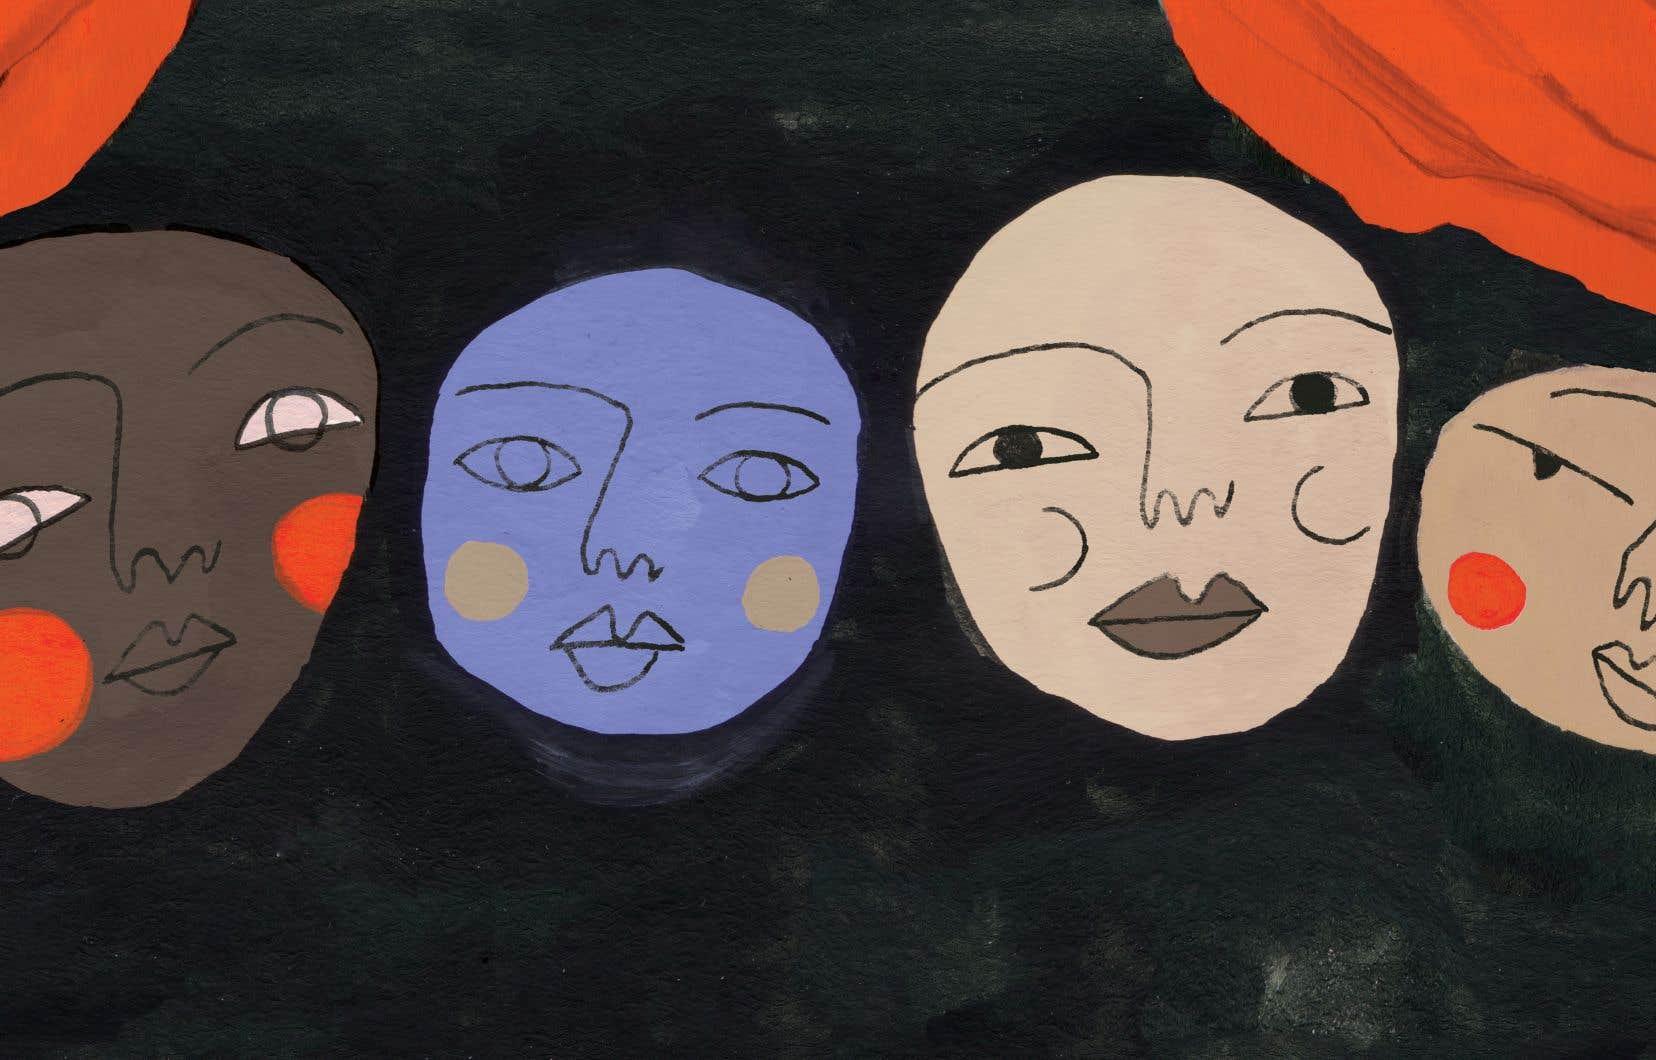 Comme beaucoup de choses, l'intégration de la diversité commence à la base: la formation.